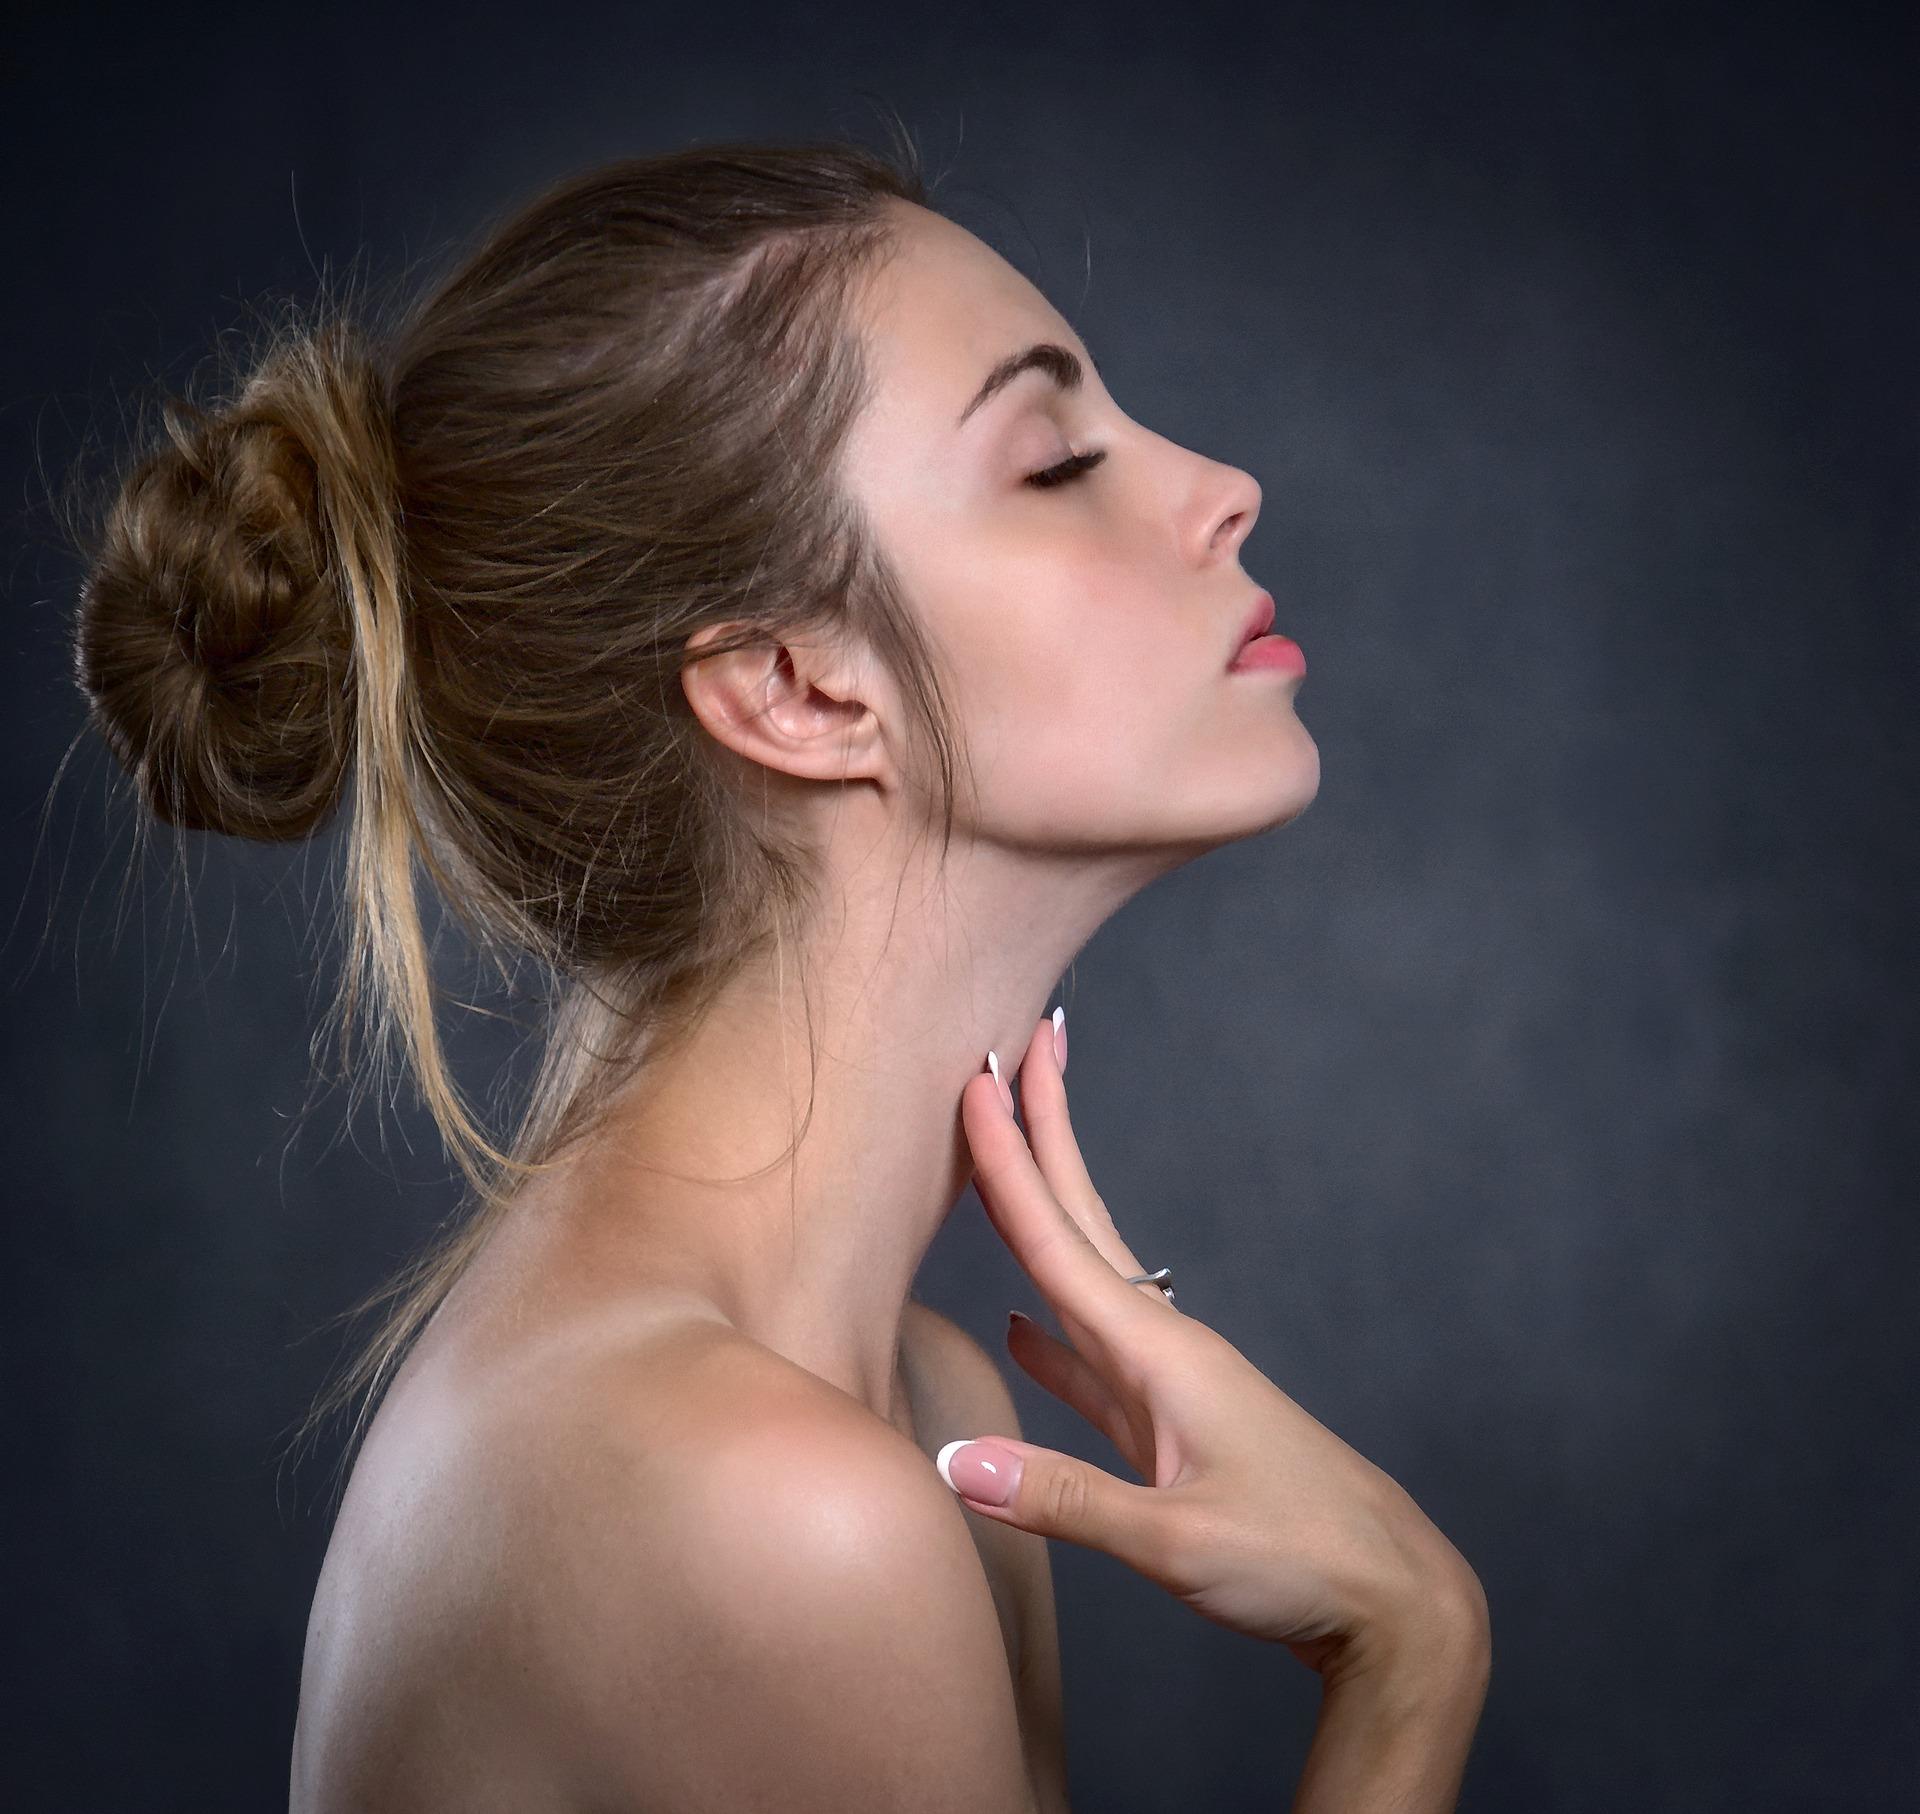 Blootstelling aan luchtvervuiling maakt je ouder (huidschade)